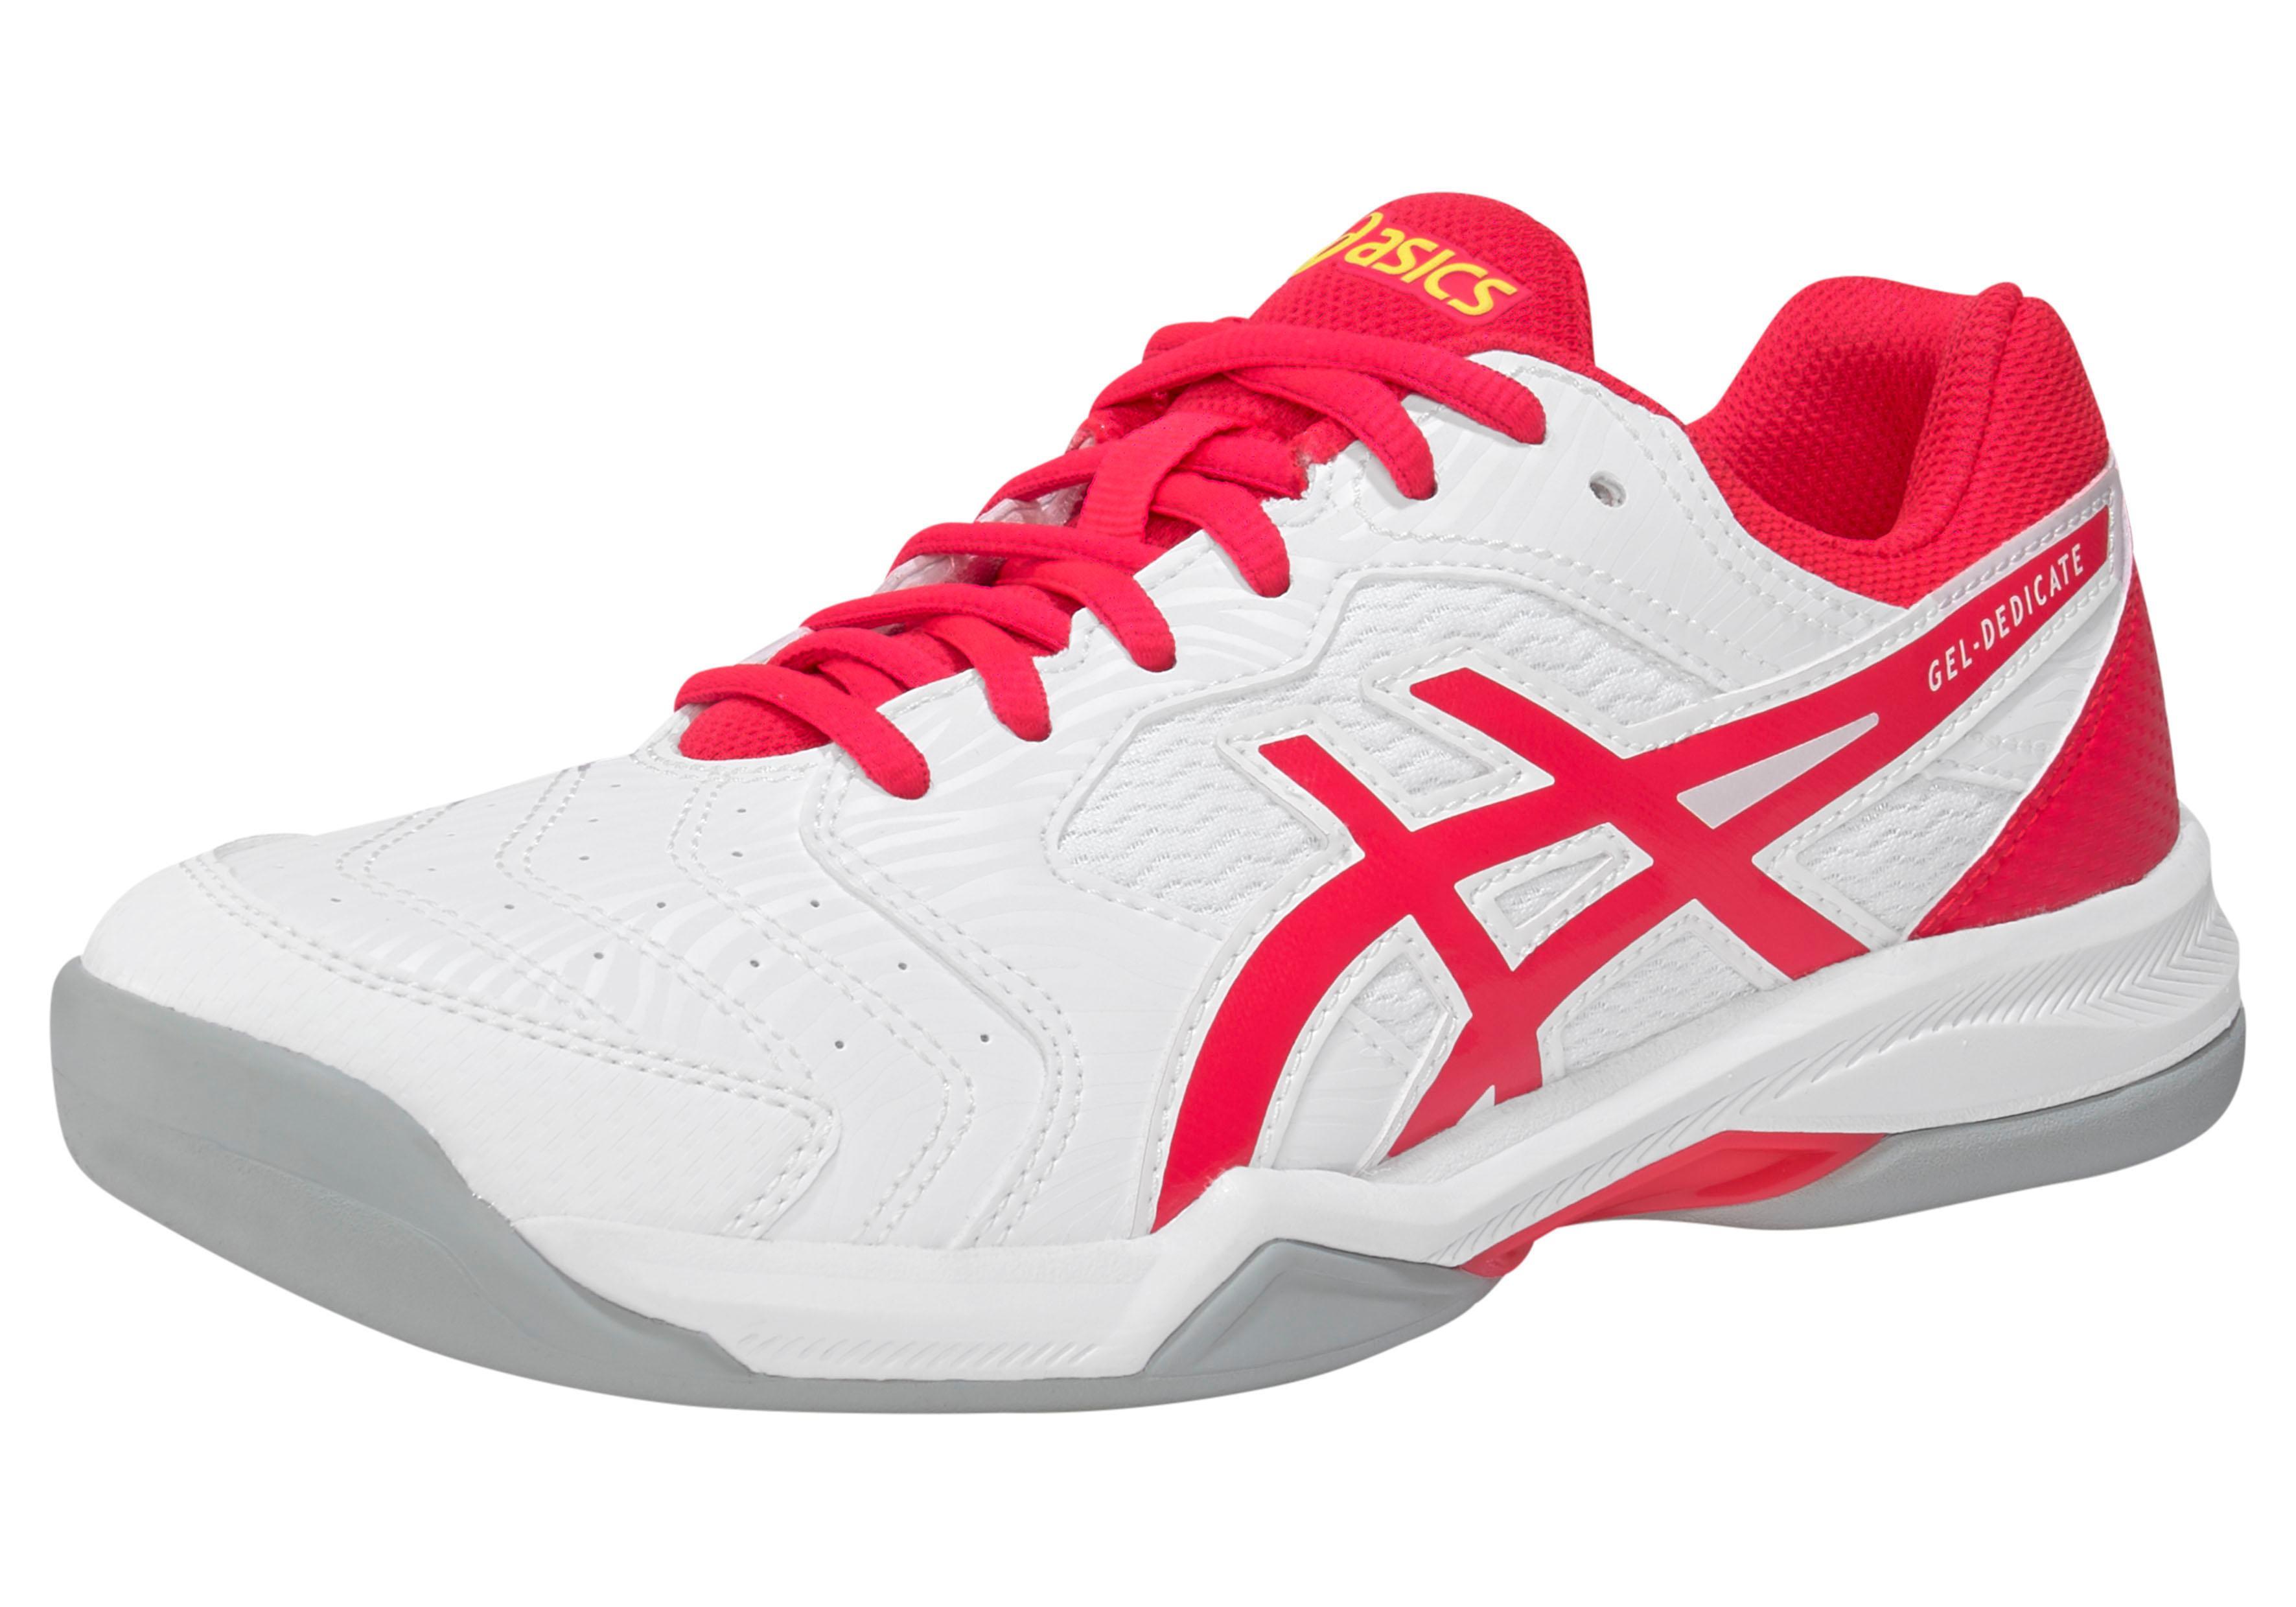 Asics Tennisschuh GEL-DEDICATE 6 INDOOR Damenmode/Schuhe/Sportschuhe/Tennisschuhe